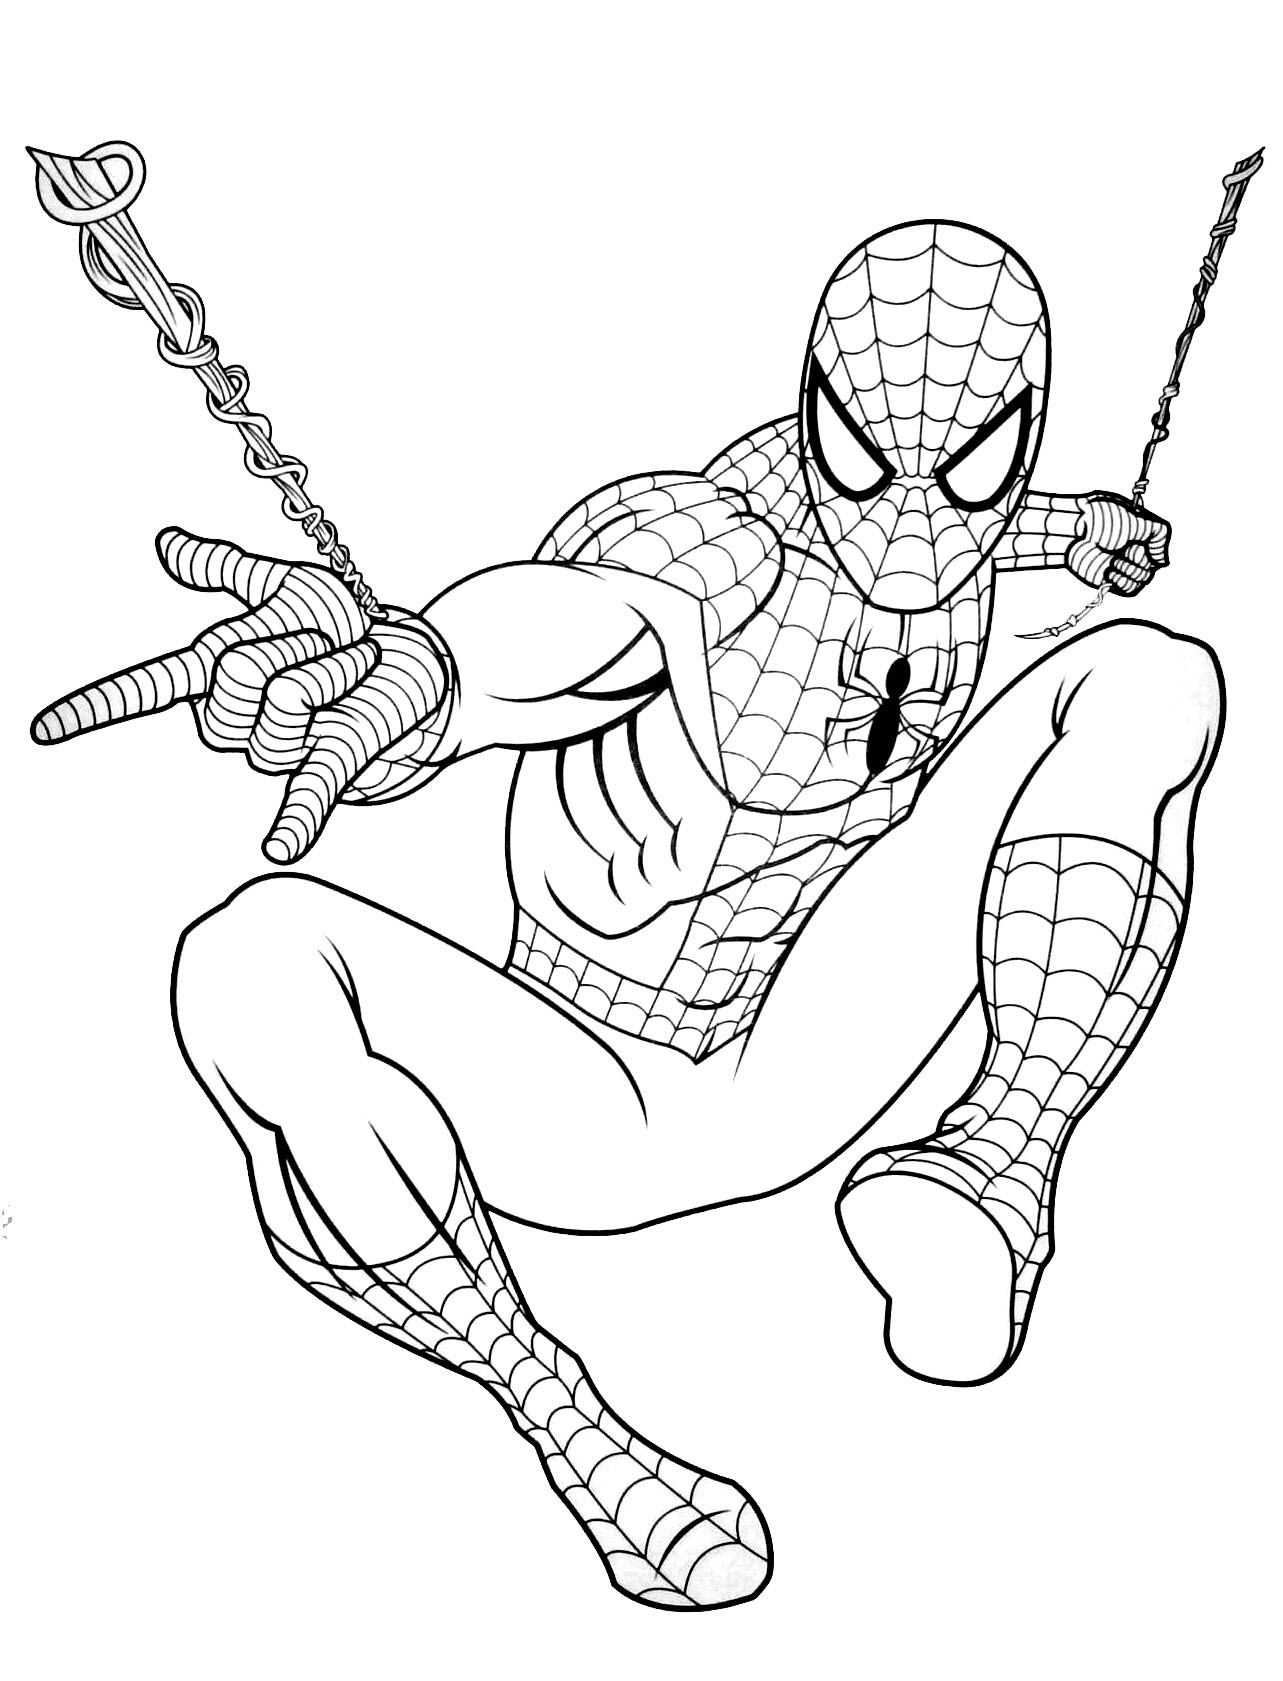 Evo Magz V4.7 pour Tete Spiderman A Imprimer